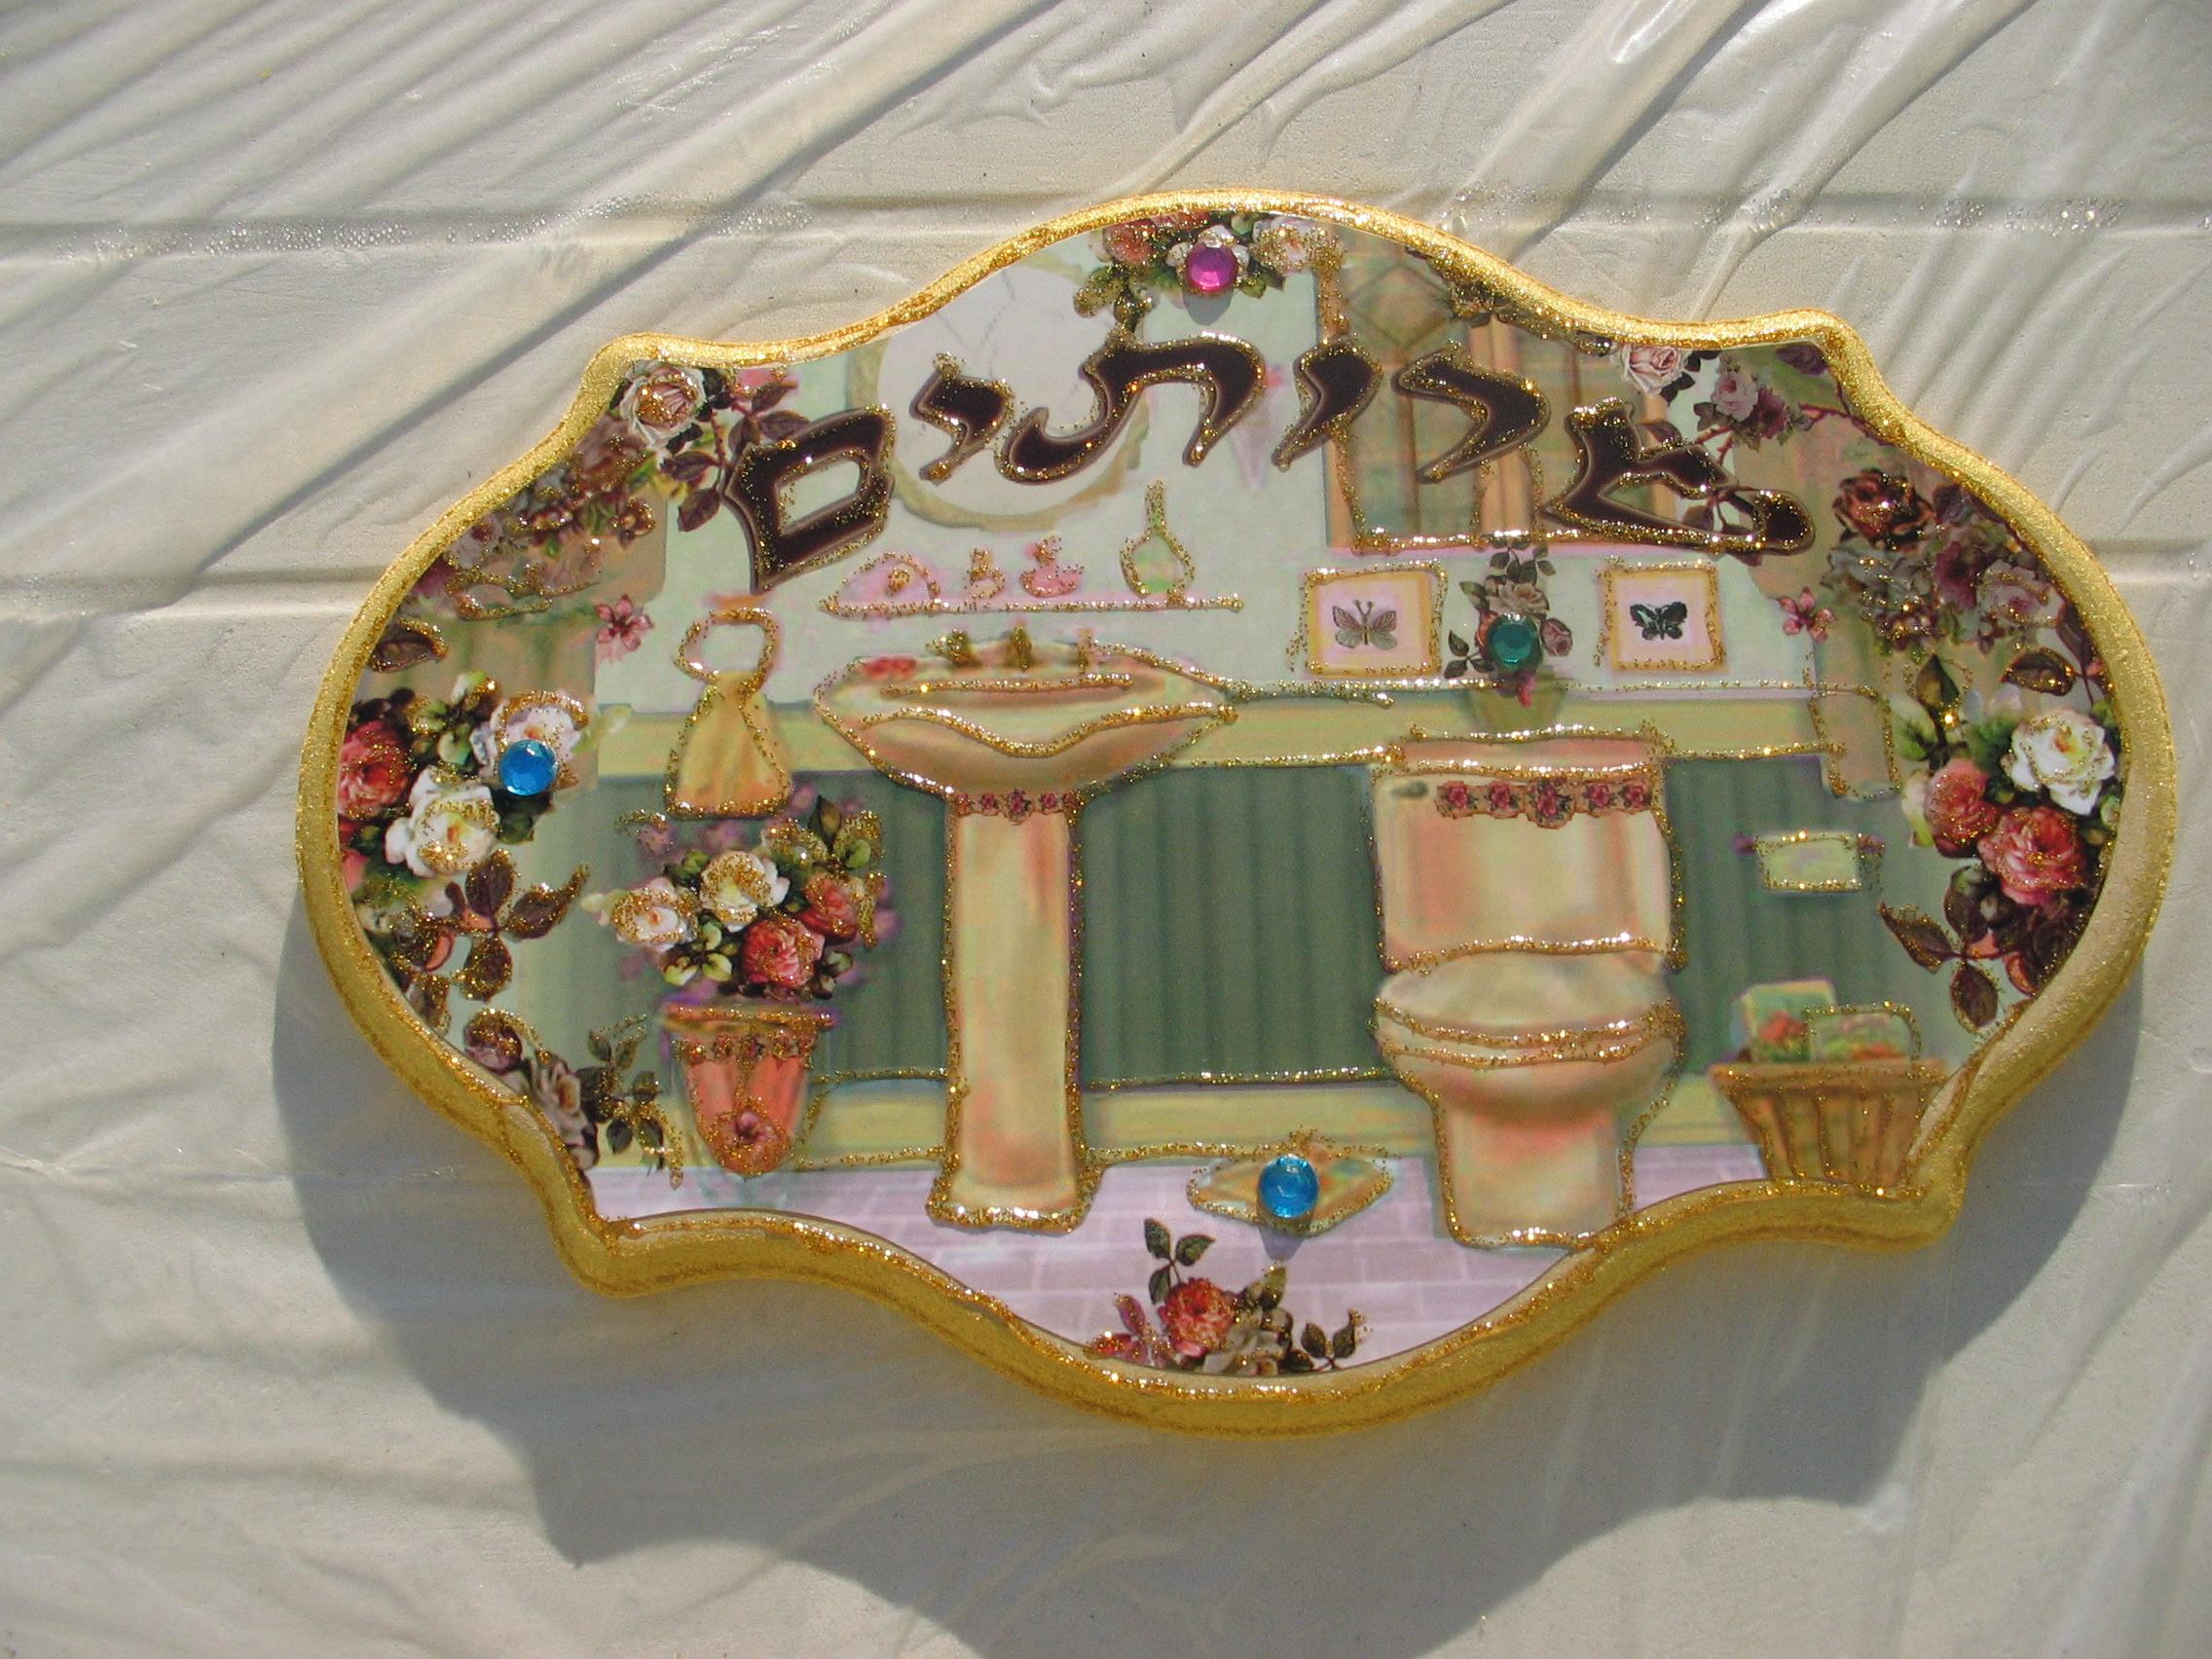 שלט אמבטיה מעוצב להכנסת אוירה לבית